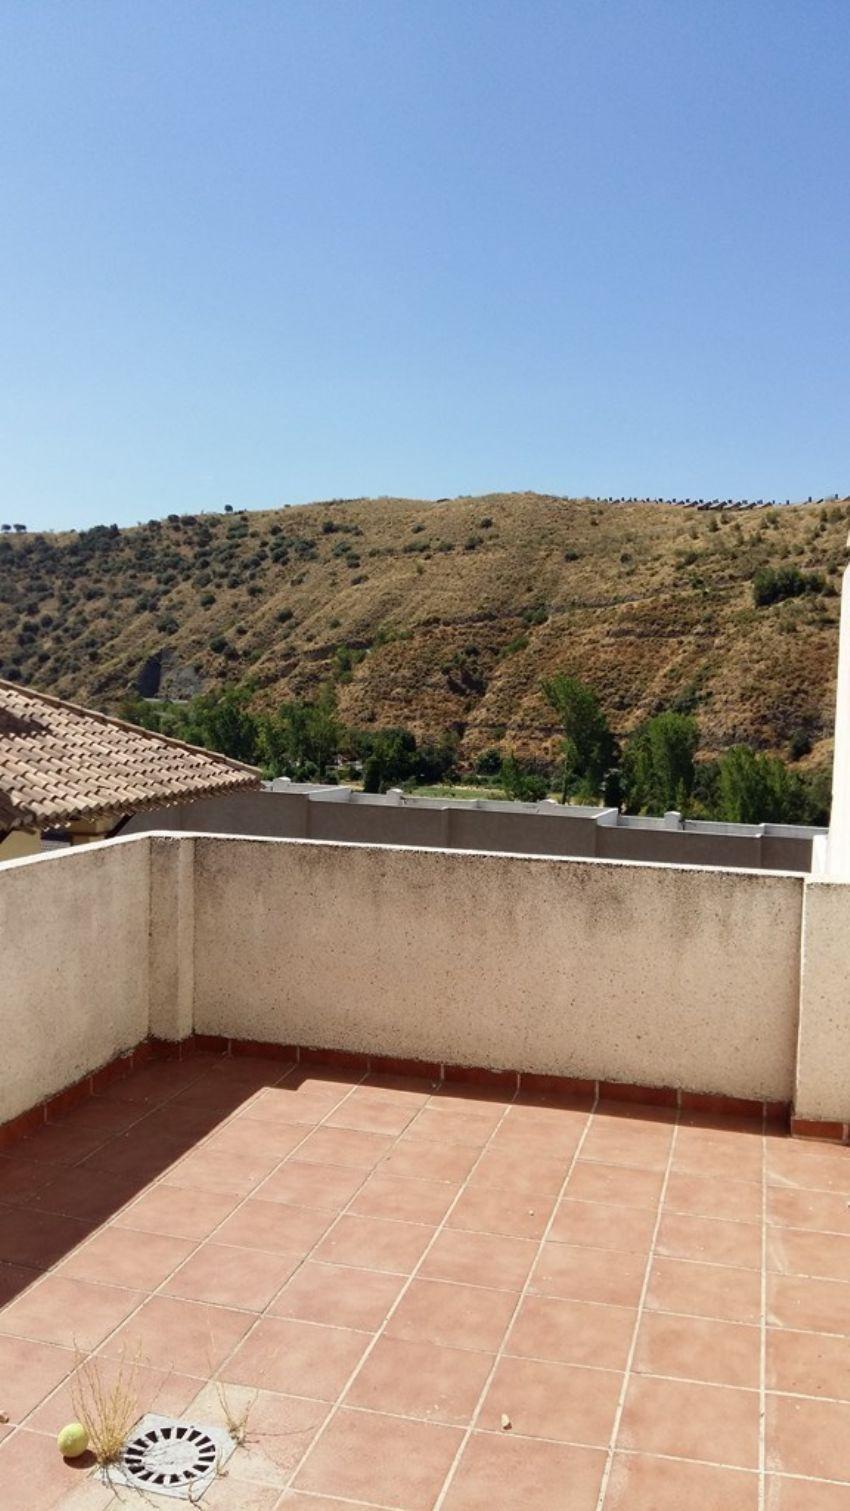 Ático en carretera de la sierra, 138, Ctra Sierra - Acceso Nuevo Alhambra, Grana